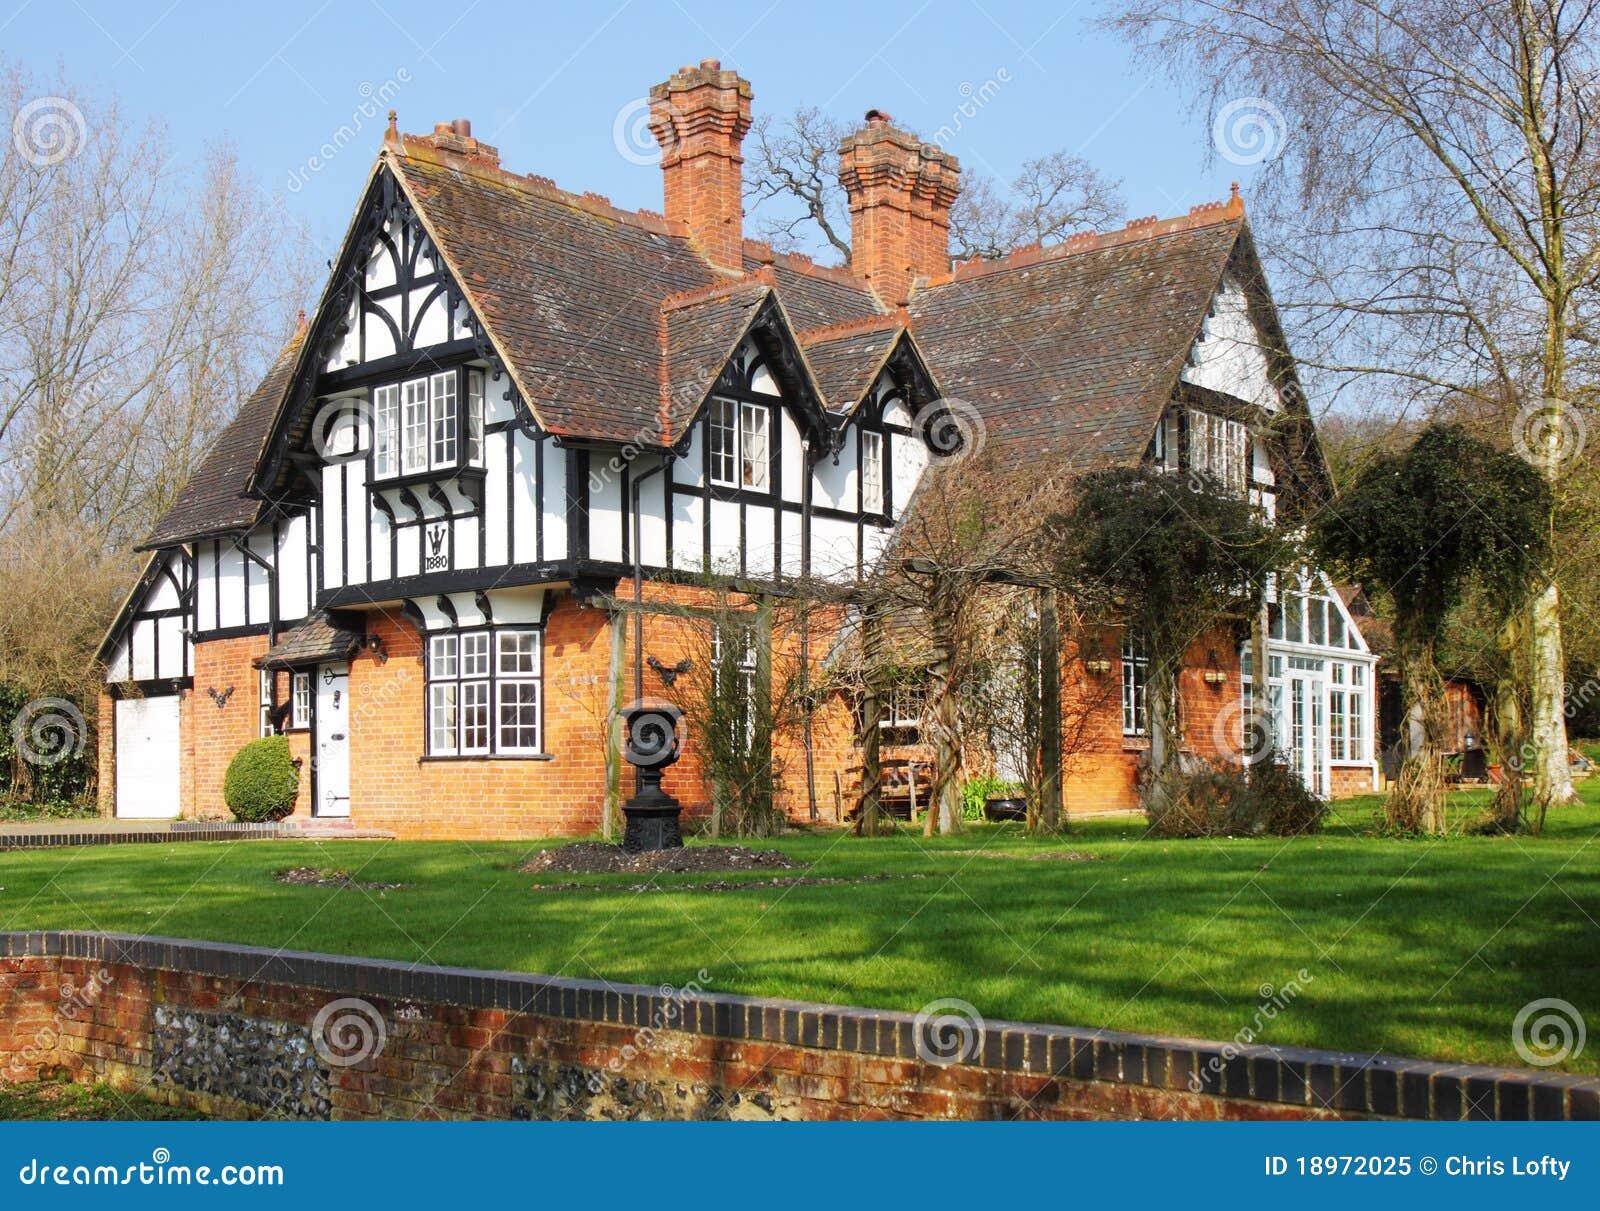 英国木屋农村木材图片